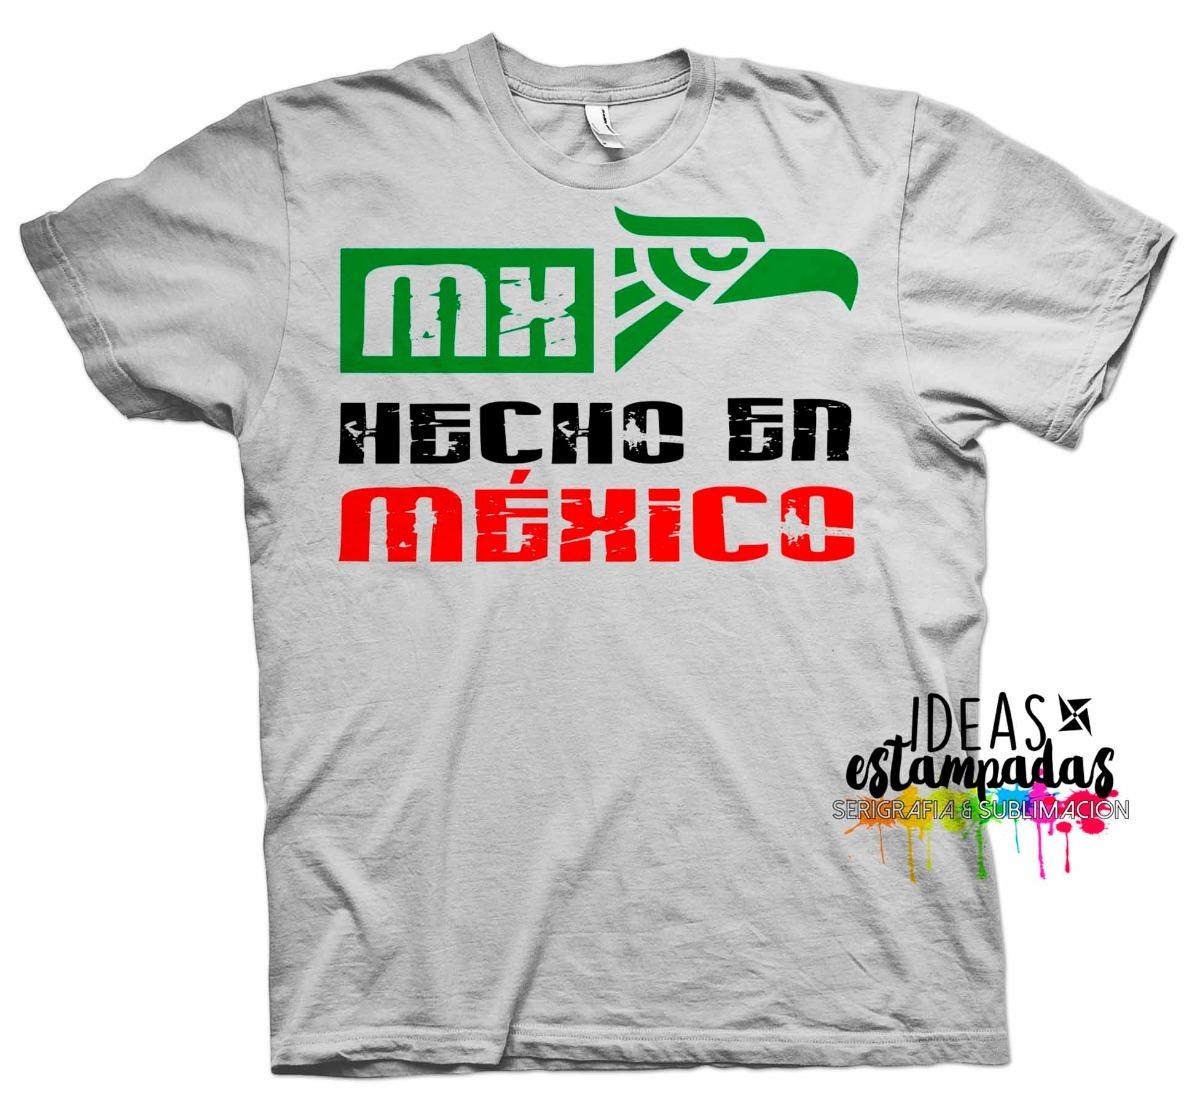 0aef1fc091e21 playera blanca sublimacion segundo imperio mexicano mexico. Cargando zoom.